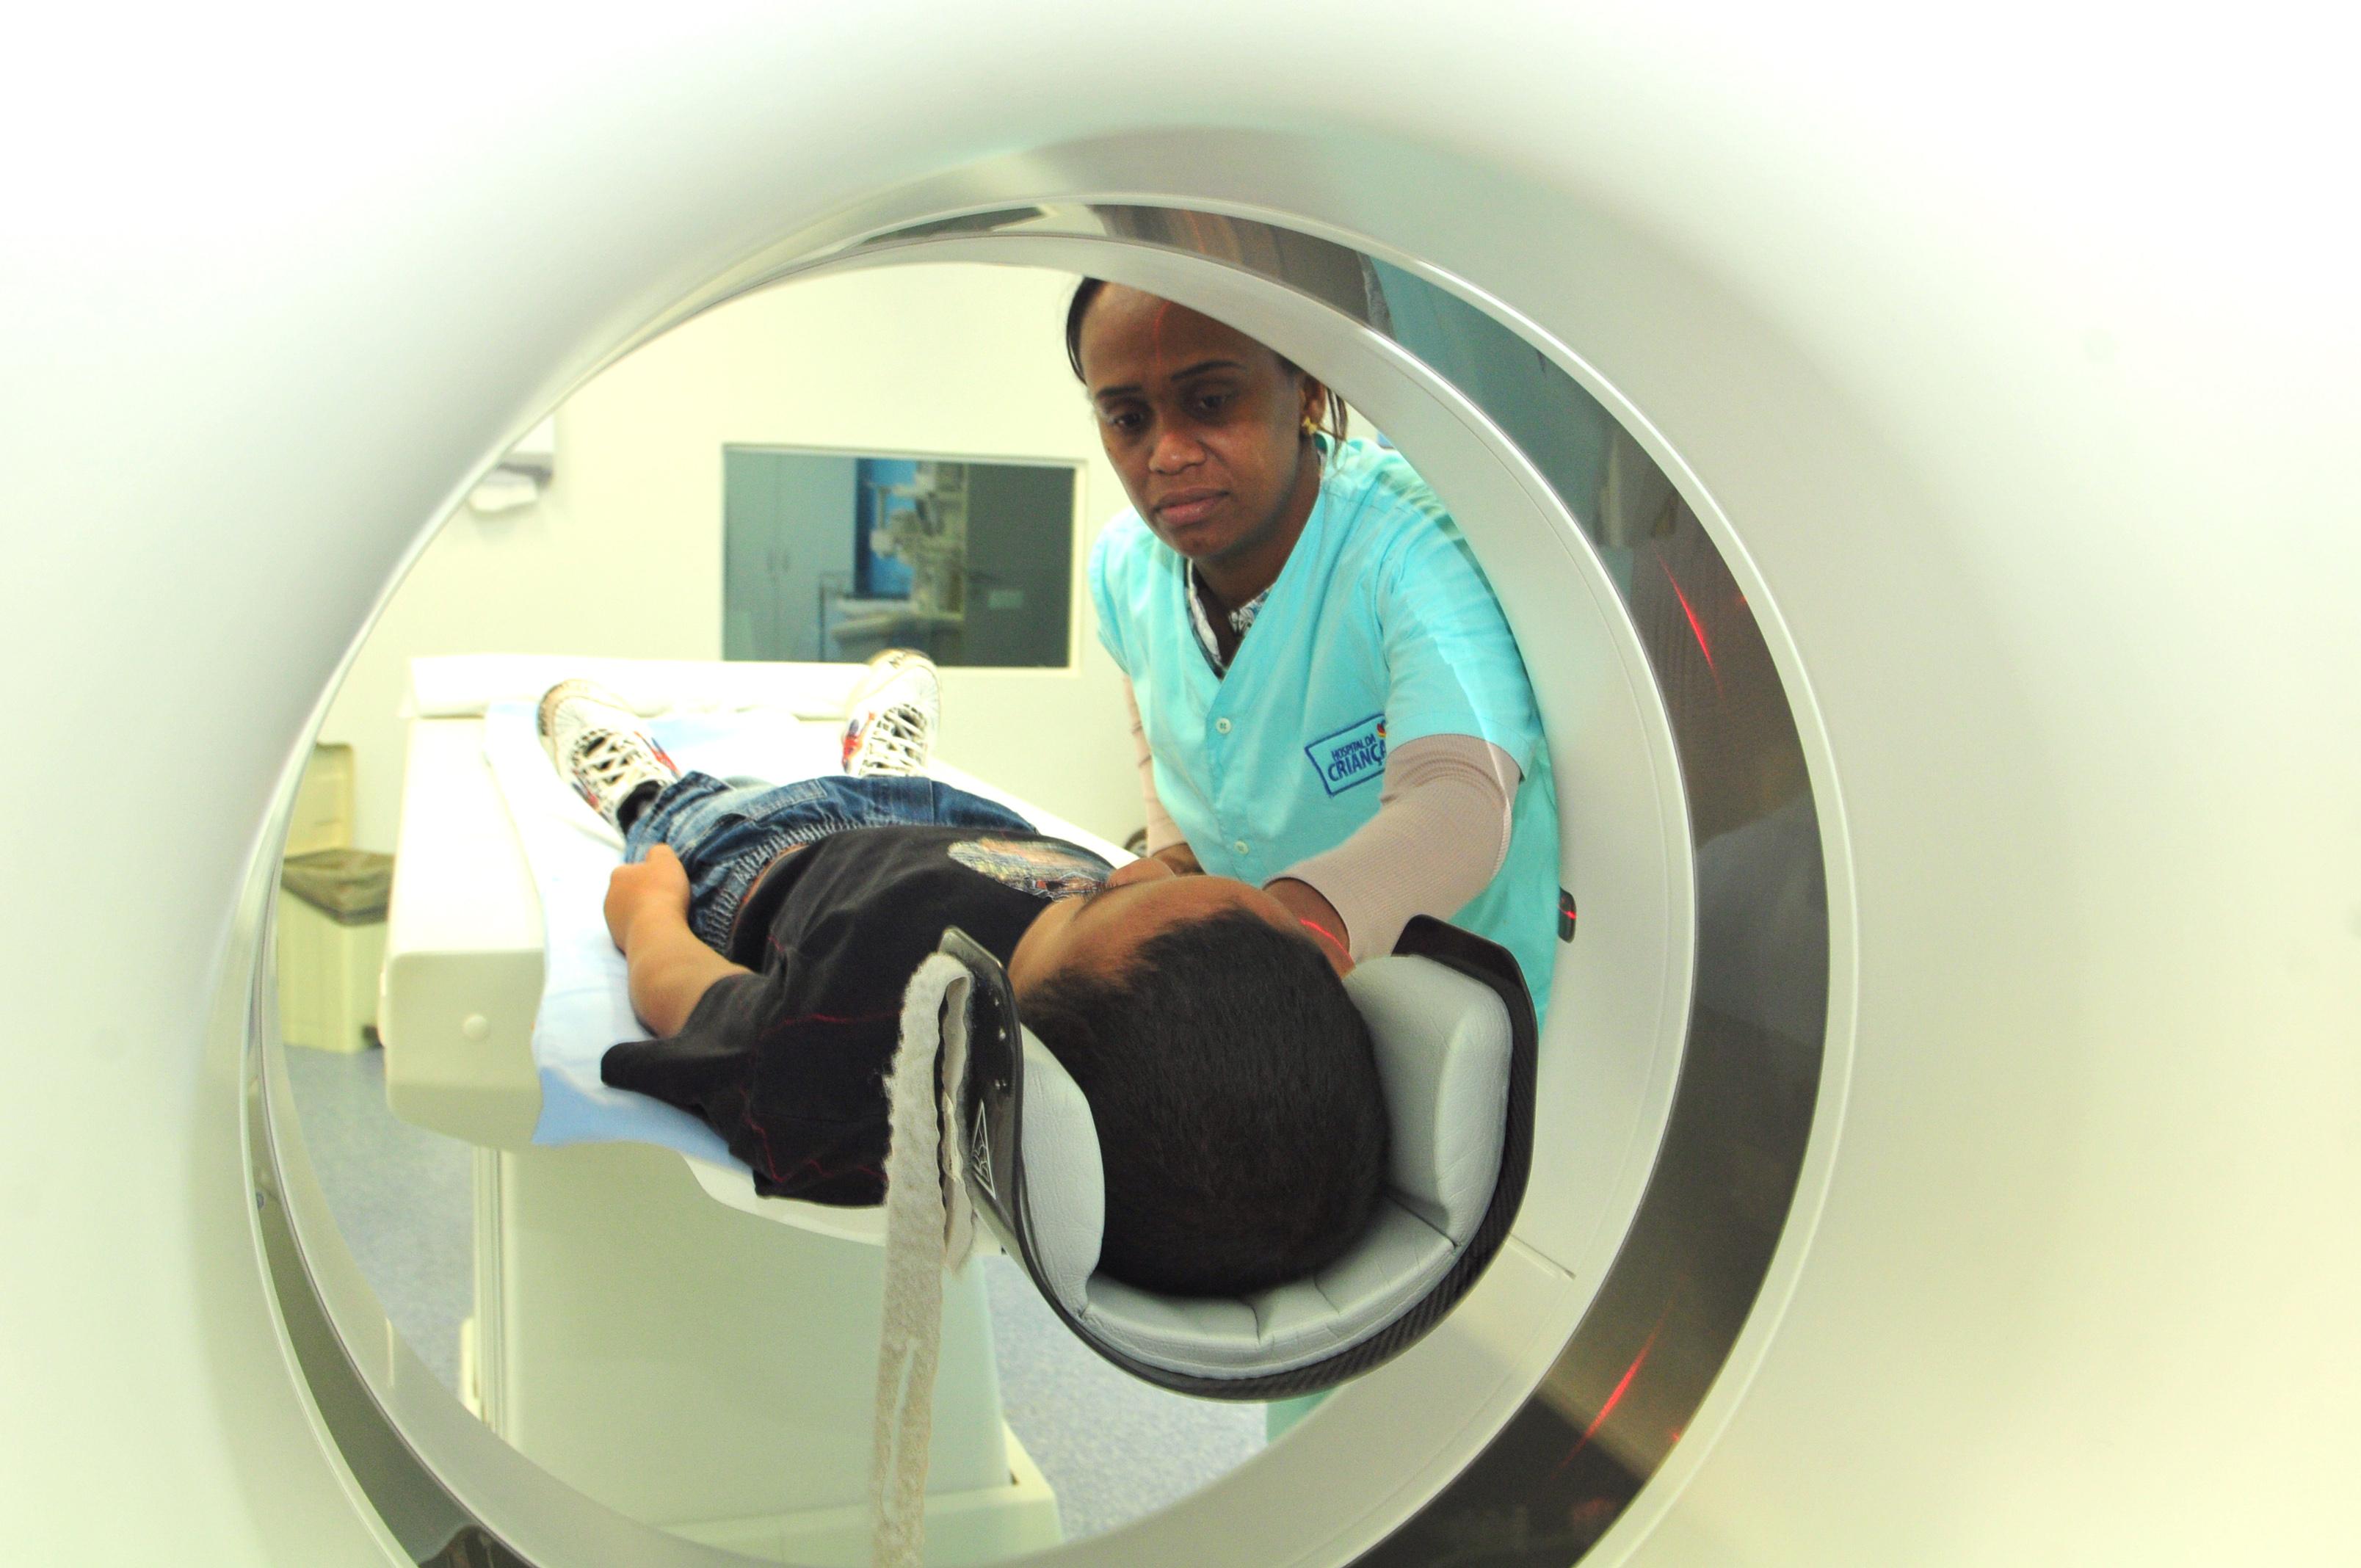 Saúde - geral - exame diagnóstico tomografia tratamento hospital